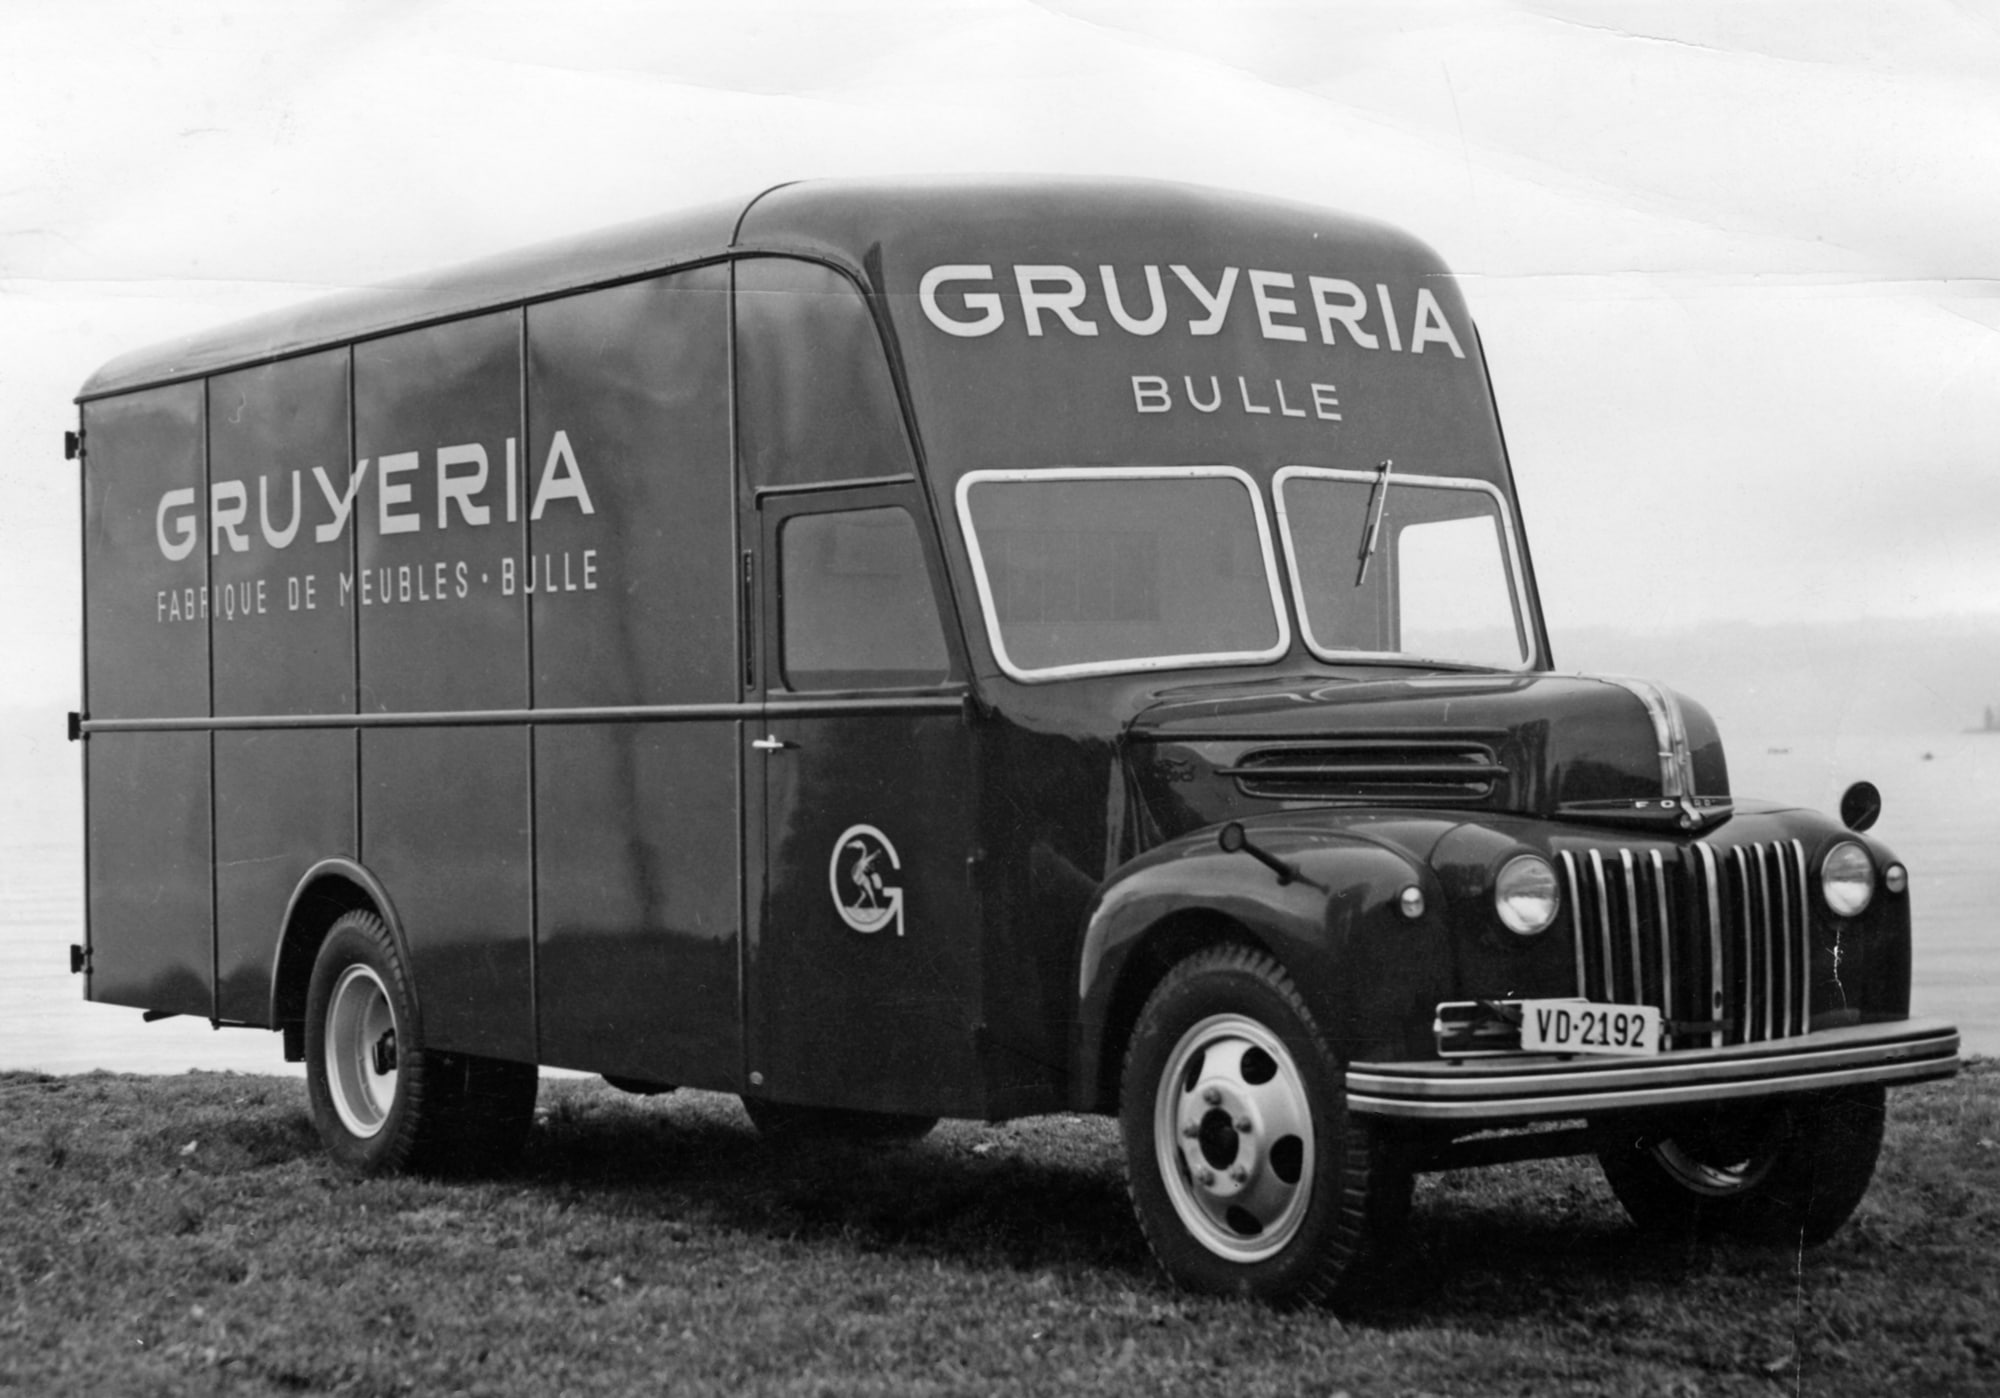 Viejo camión Gruyeria Bulle